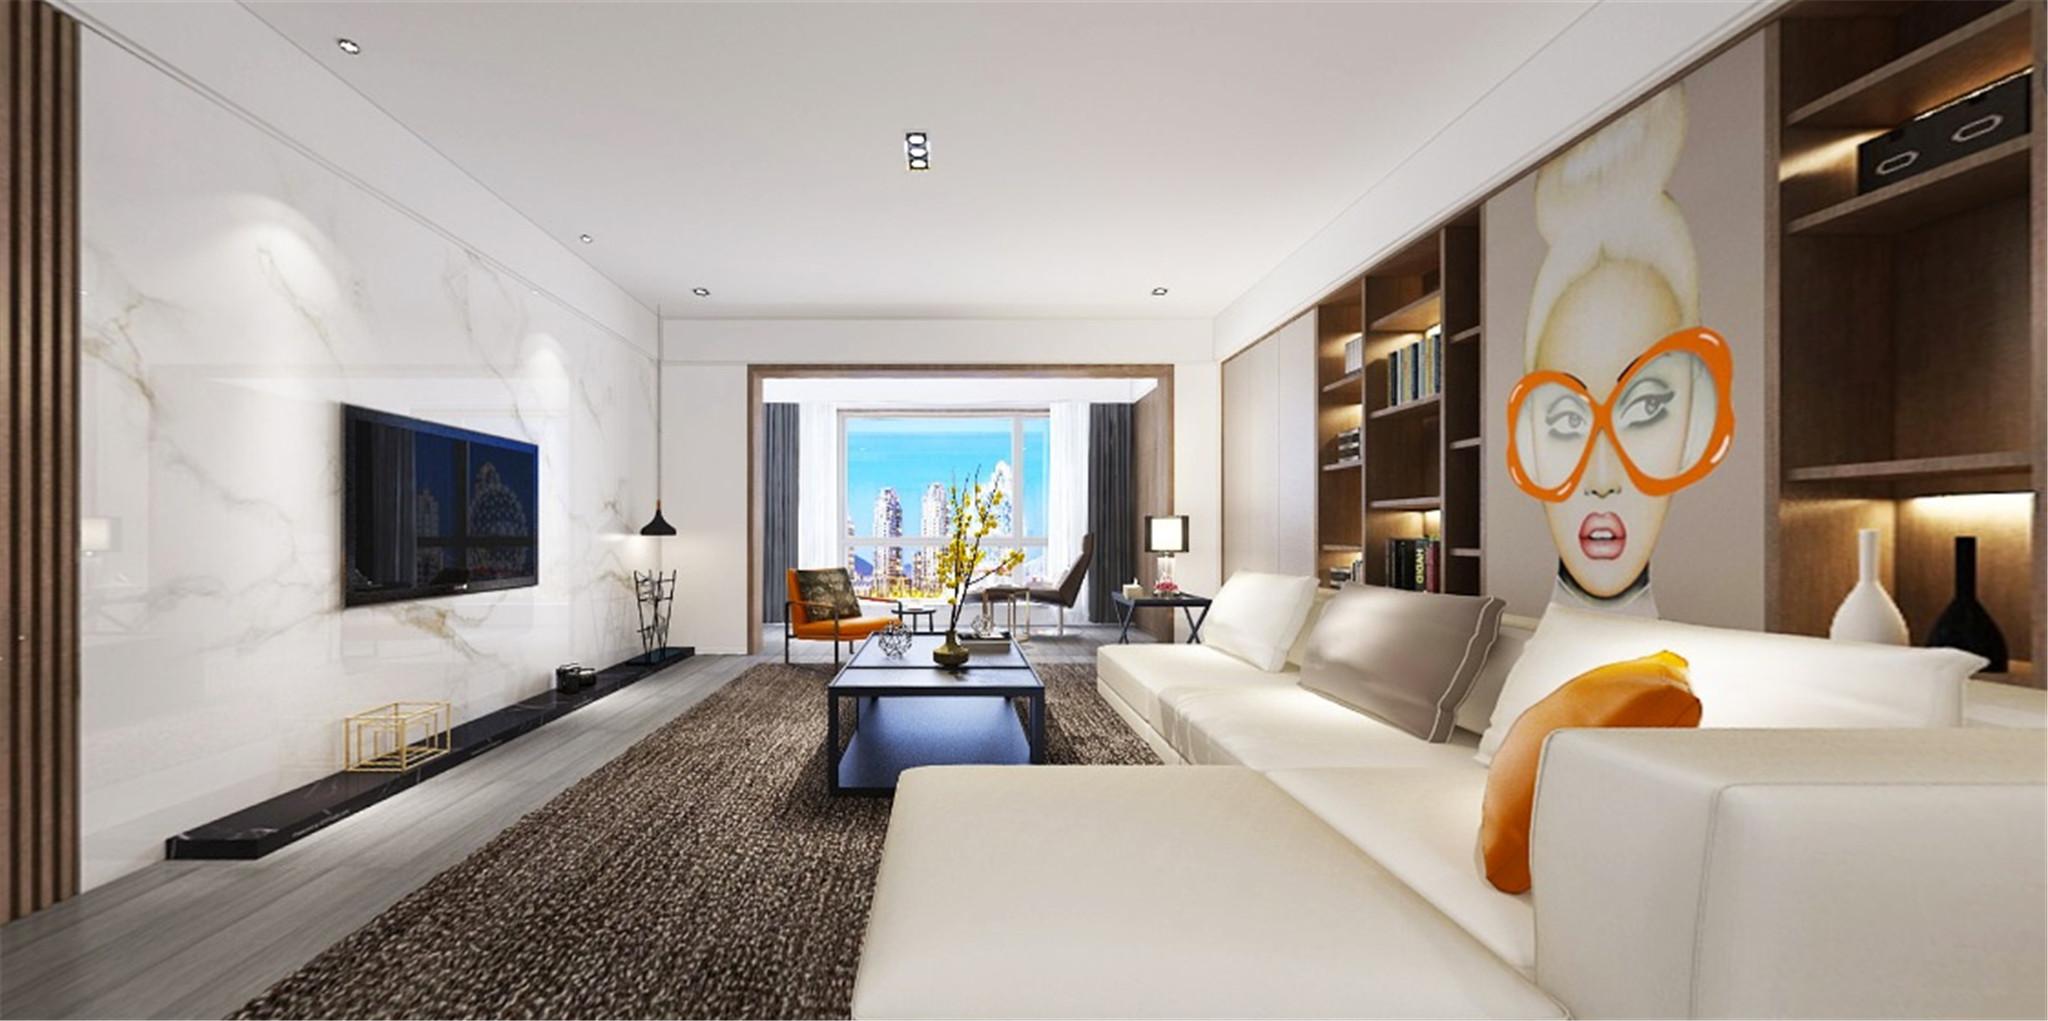 客厅1.2.3: 公区设计时大面积使用统一的材质 又恰到好处的将材质及色调融合 对比。使整个空间充满现代感,设计感。不随波逐流,也不哗众取 宠,对设计有著自我的信仰与期待。强调生活应该是一种美学的表现。